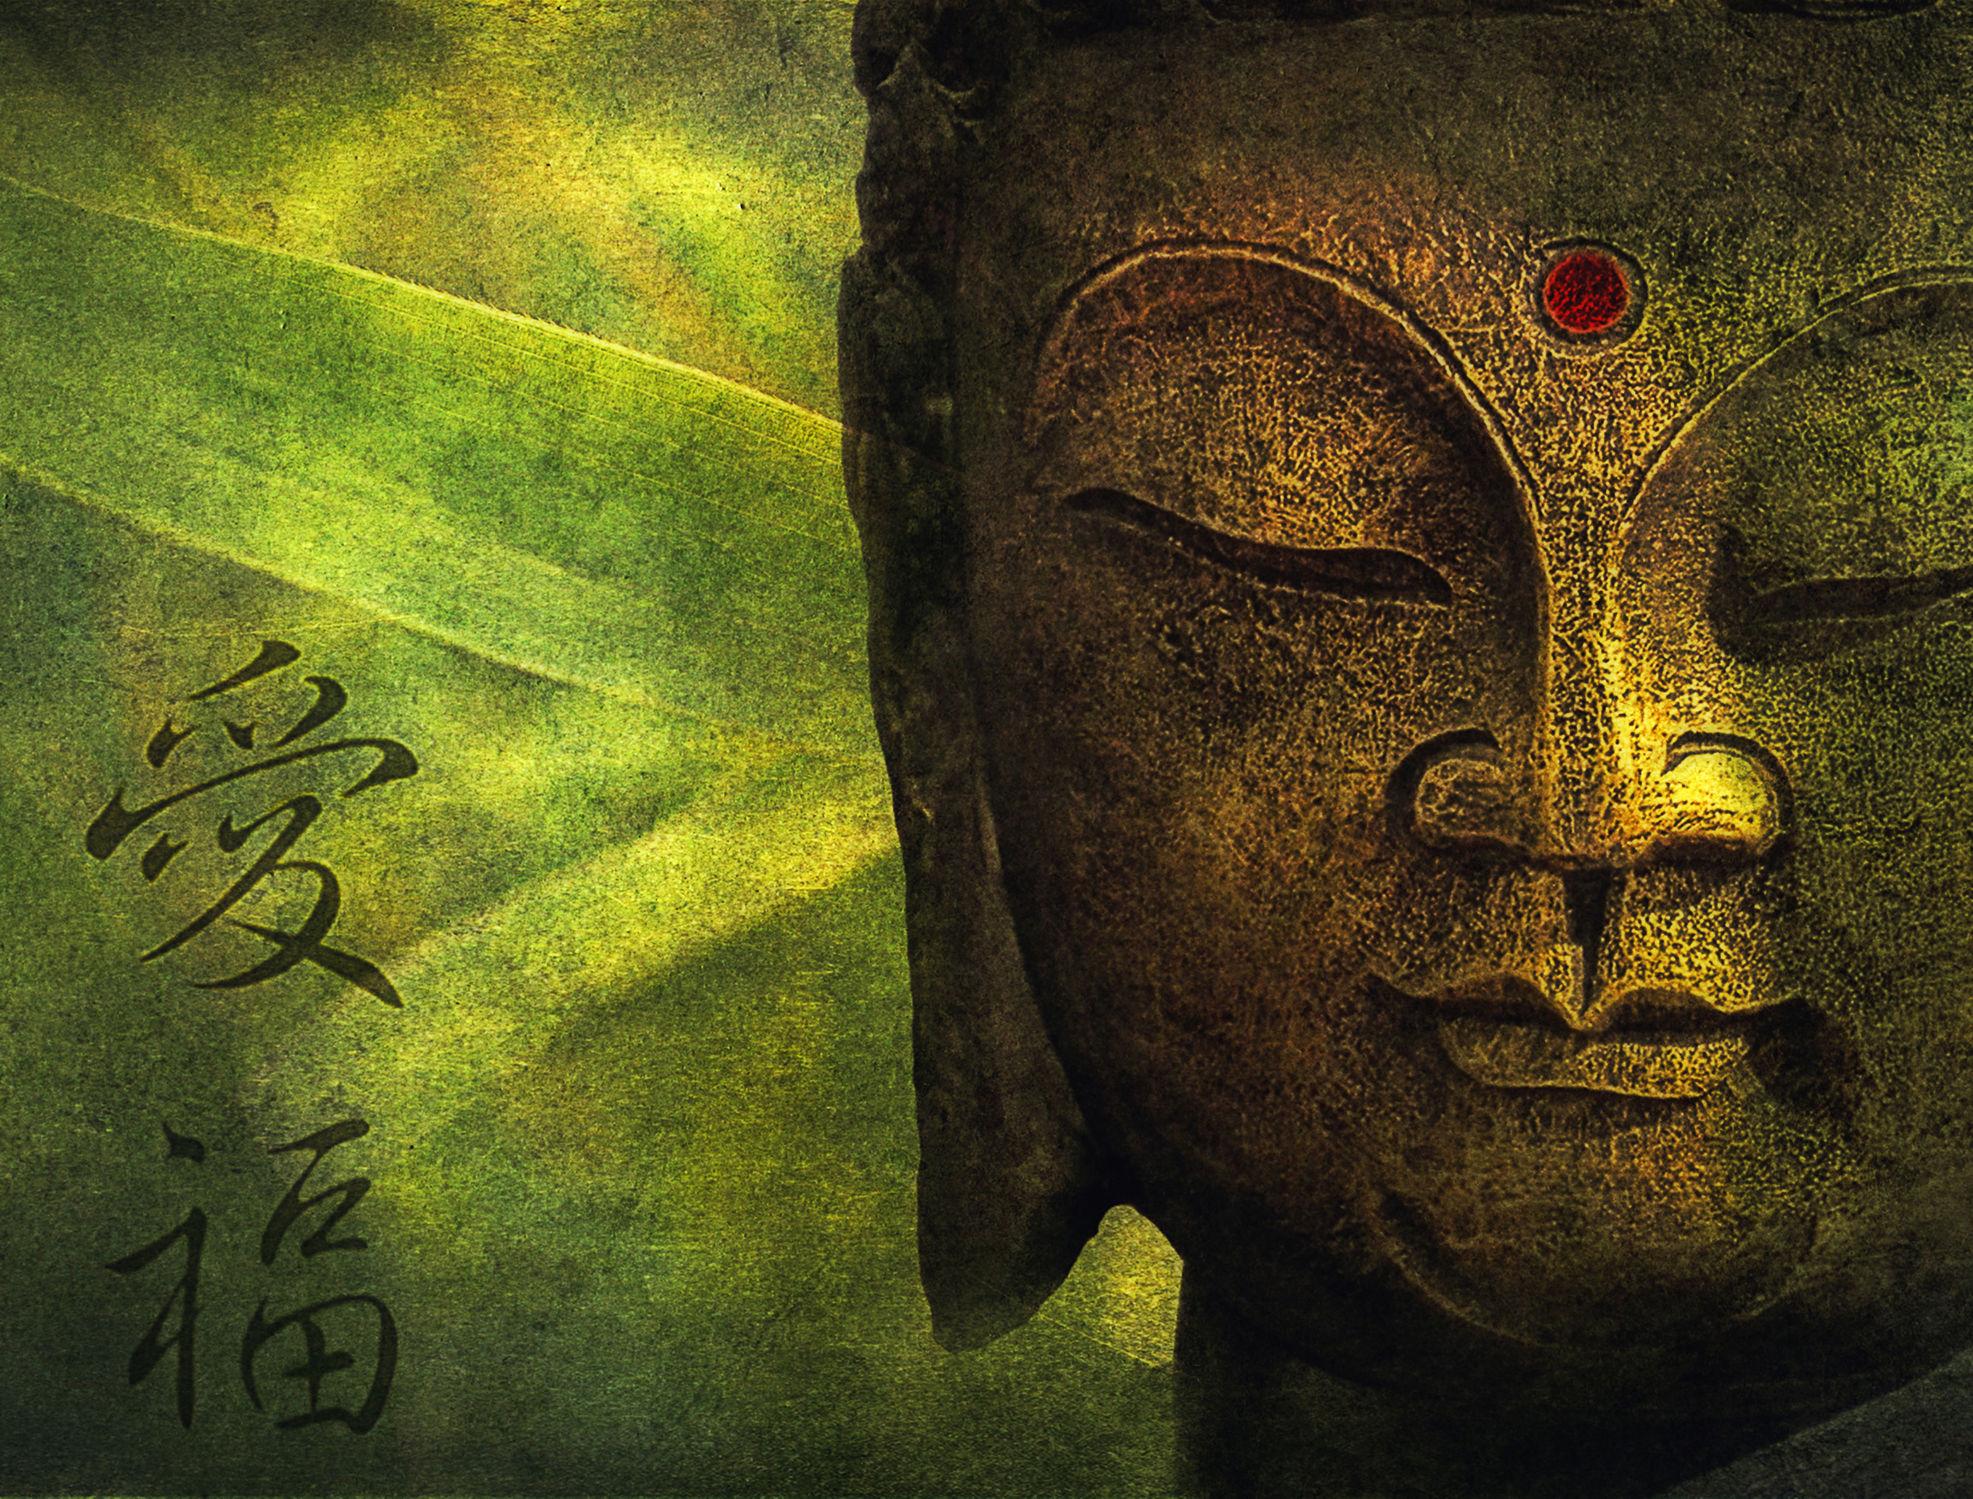 Bild mit Pflanzen, Bambus, Pflanze, Meditation, Buddha, Wellness, bambuswald, Liebe, Glück, bambusstangen, bambusrohr, bambuspflanze, Bambusblatt, Bambusblätter, Bambustextur, chinesischen Schriftzeichen